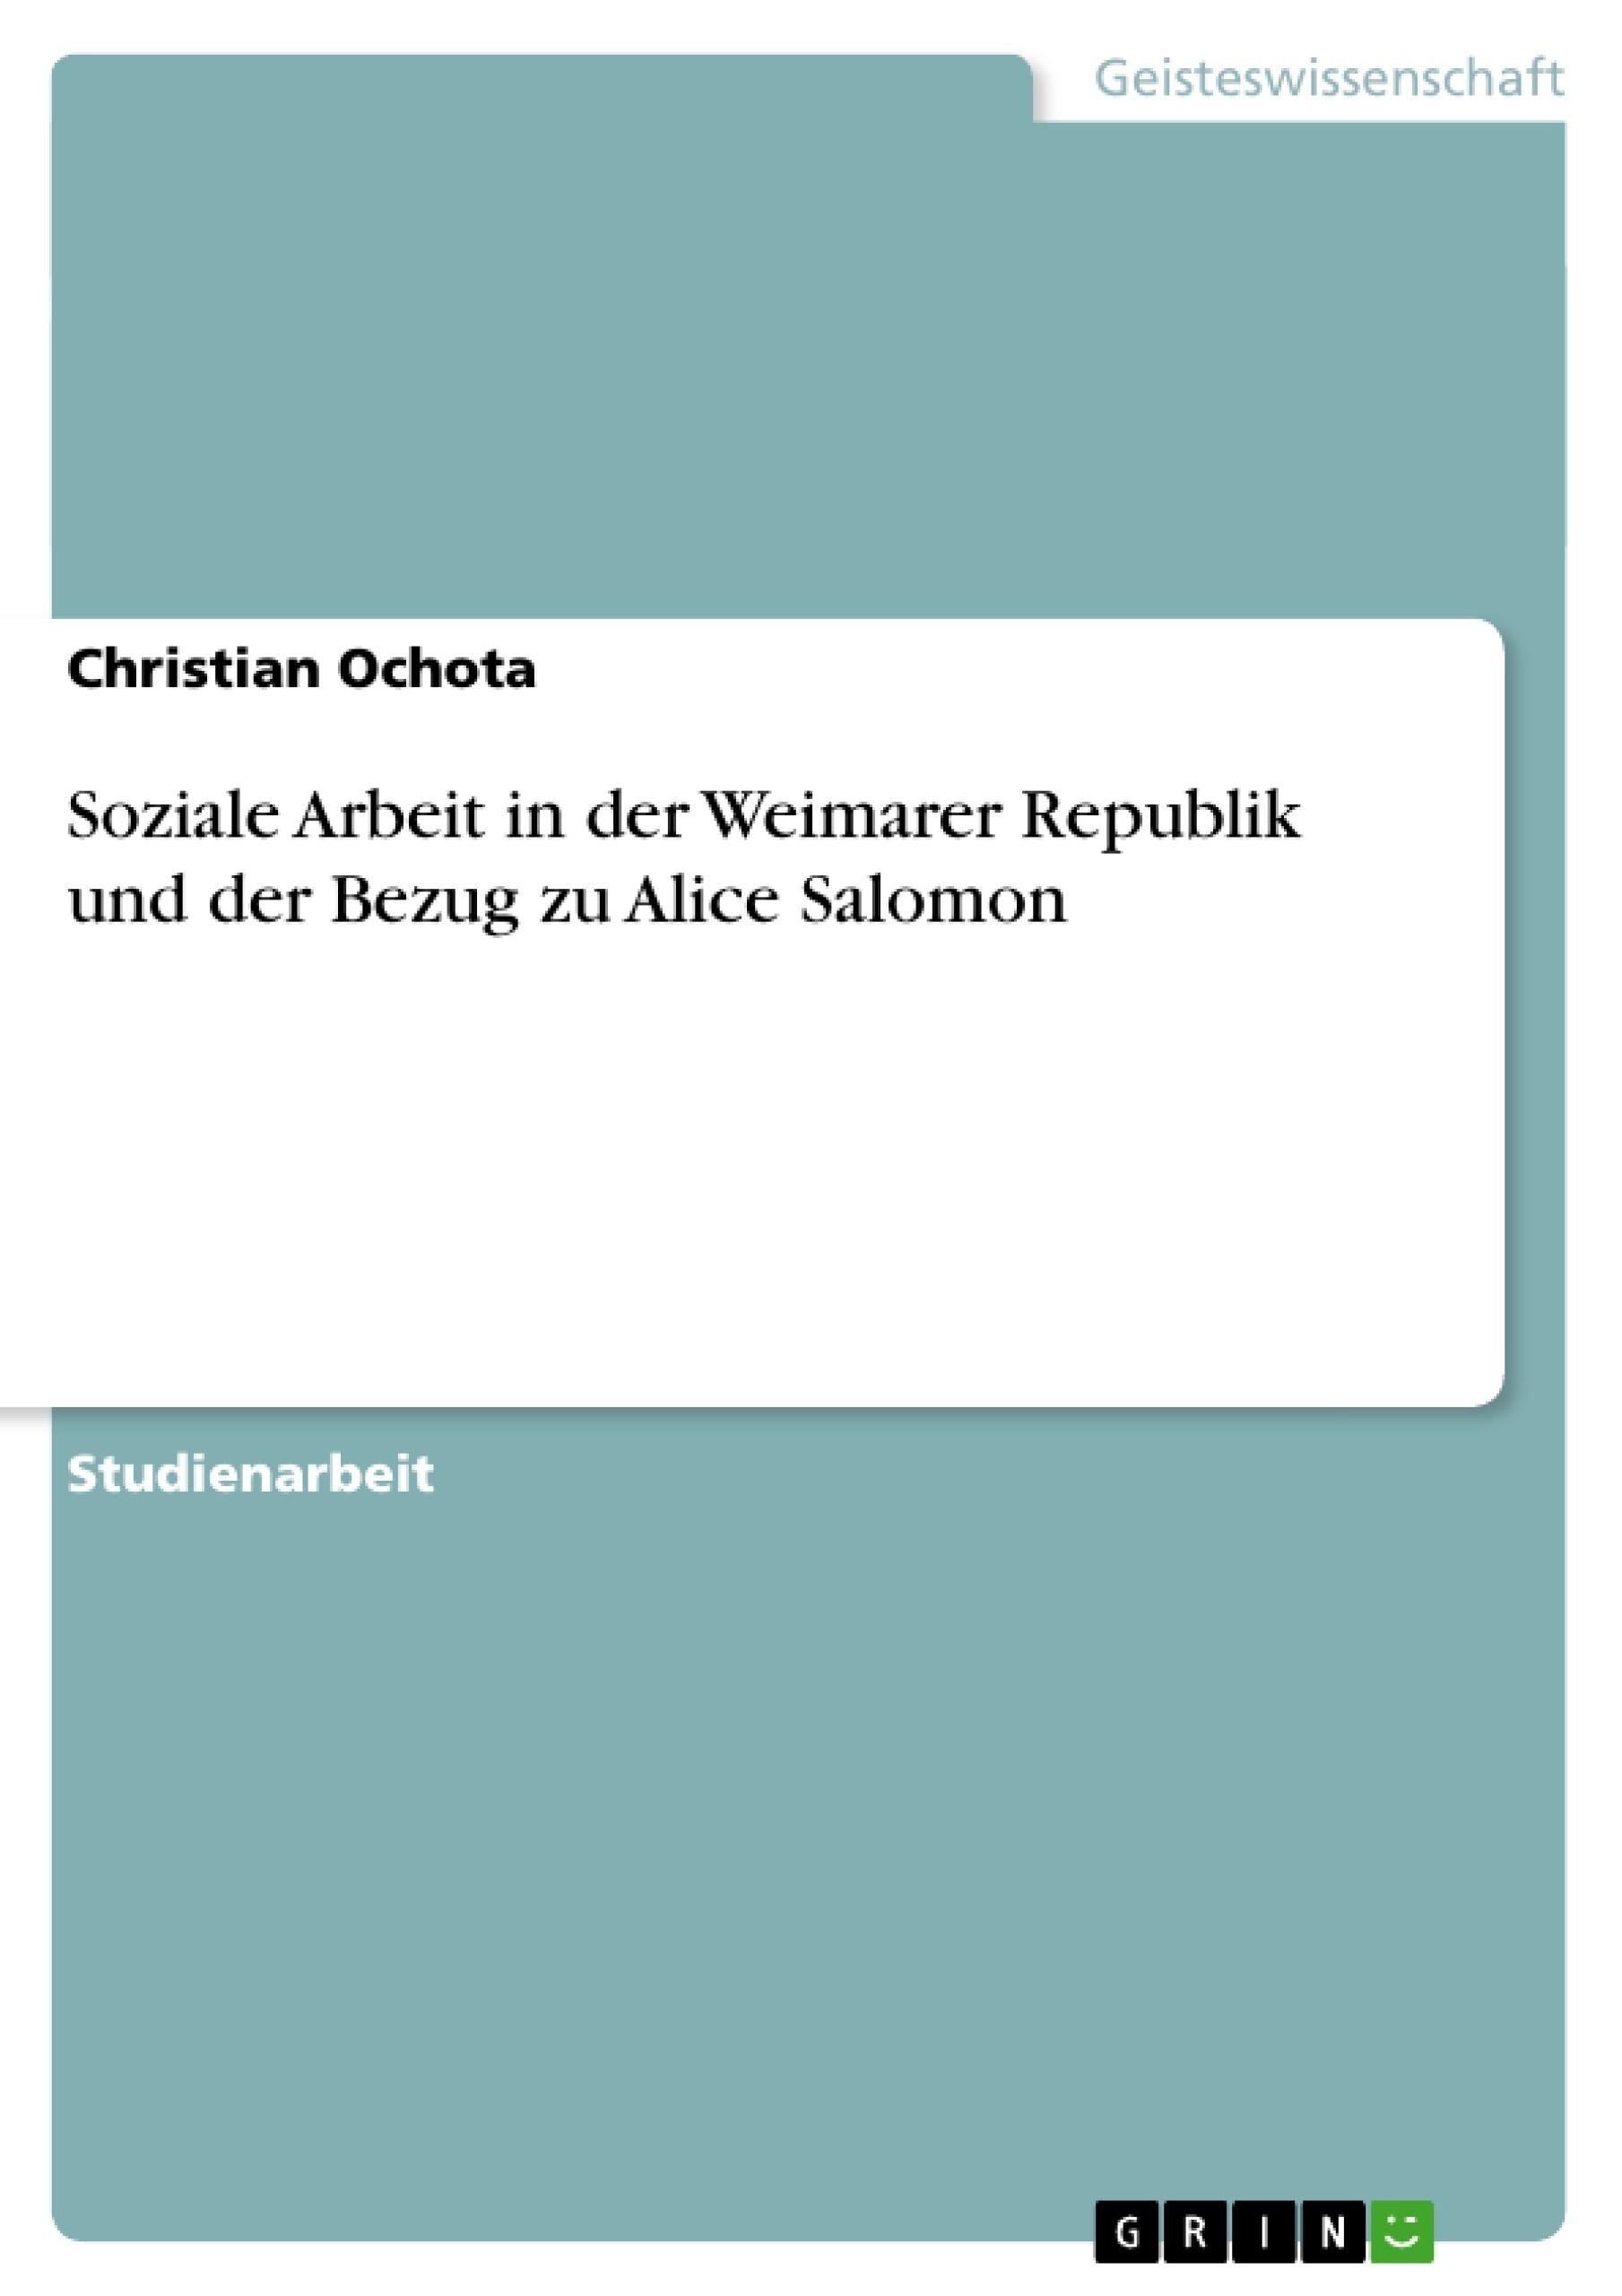 Titel: Soziale Arbeit in der Weimarer Republik und der Bezug zu Alice Salomon